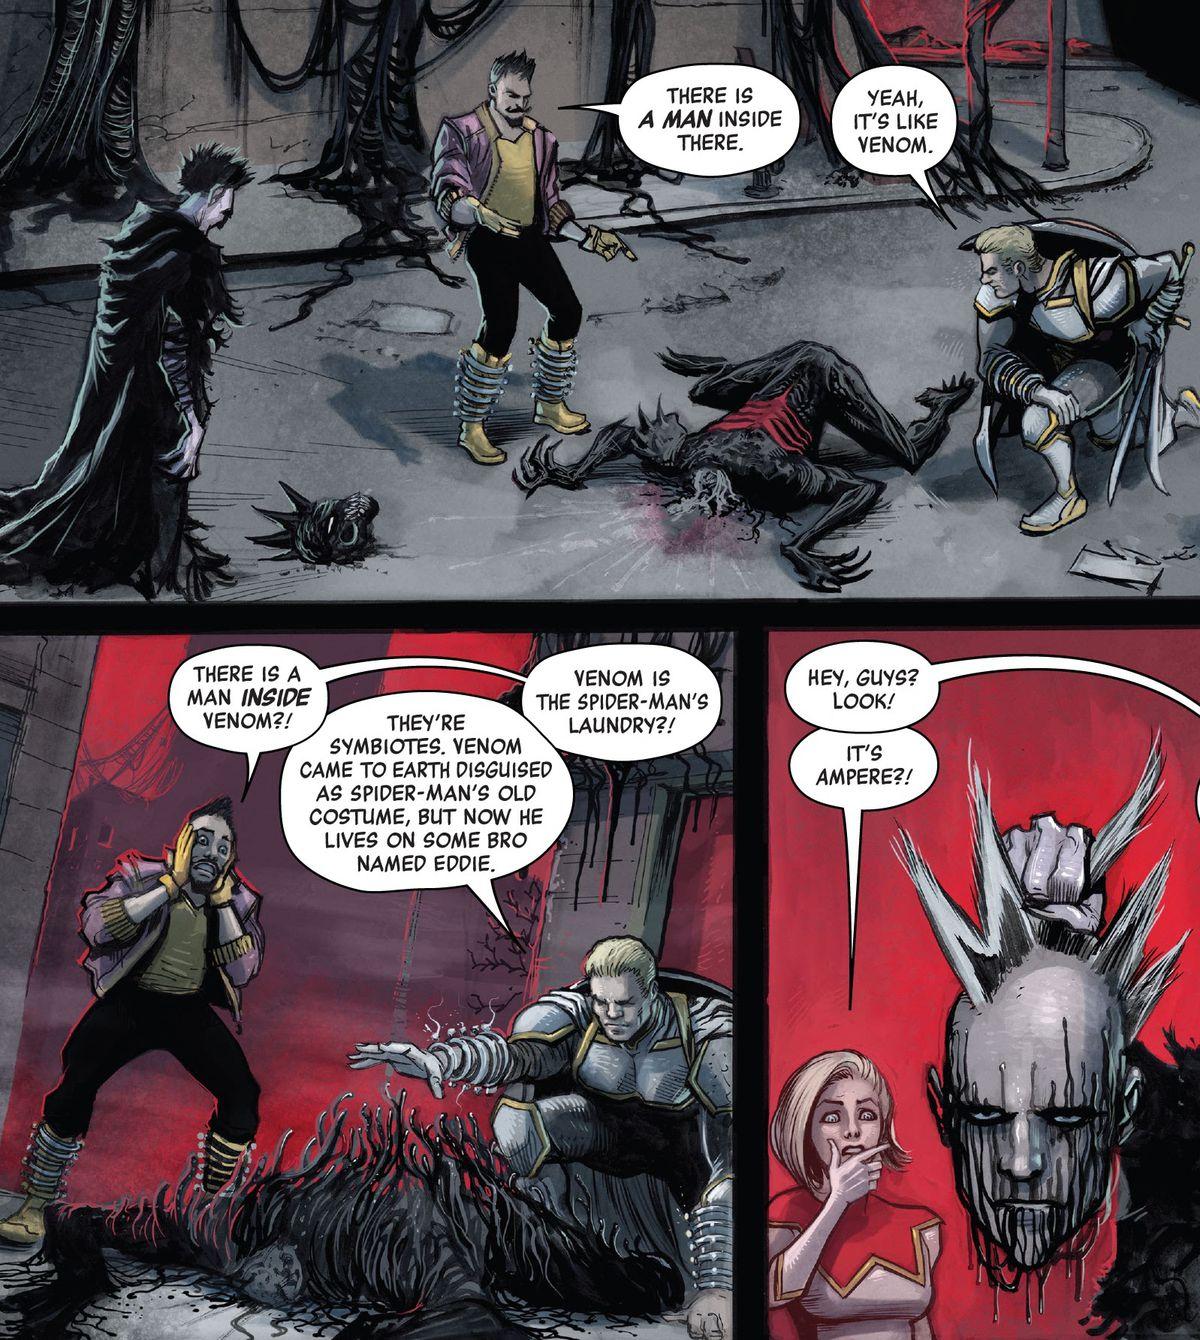 """Batroc the Leaper y Taskmaster (desenmascarado) observan el cuerpo de un simbionte / humano Knull caído. """"Hay un hombre ahí adentro"""", dice Batroc. """"Sí, es como Venom"""", responde Taskmaster. """"¡¿Hay un hombre dentro de Venom ?!"""" Batroc exclama, en King in Black: Thunderbolts # 1, Marvel Comics (2021)."""